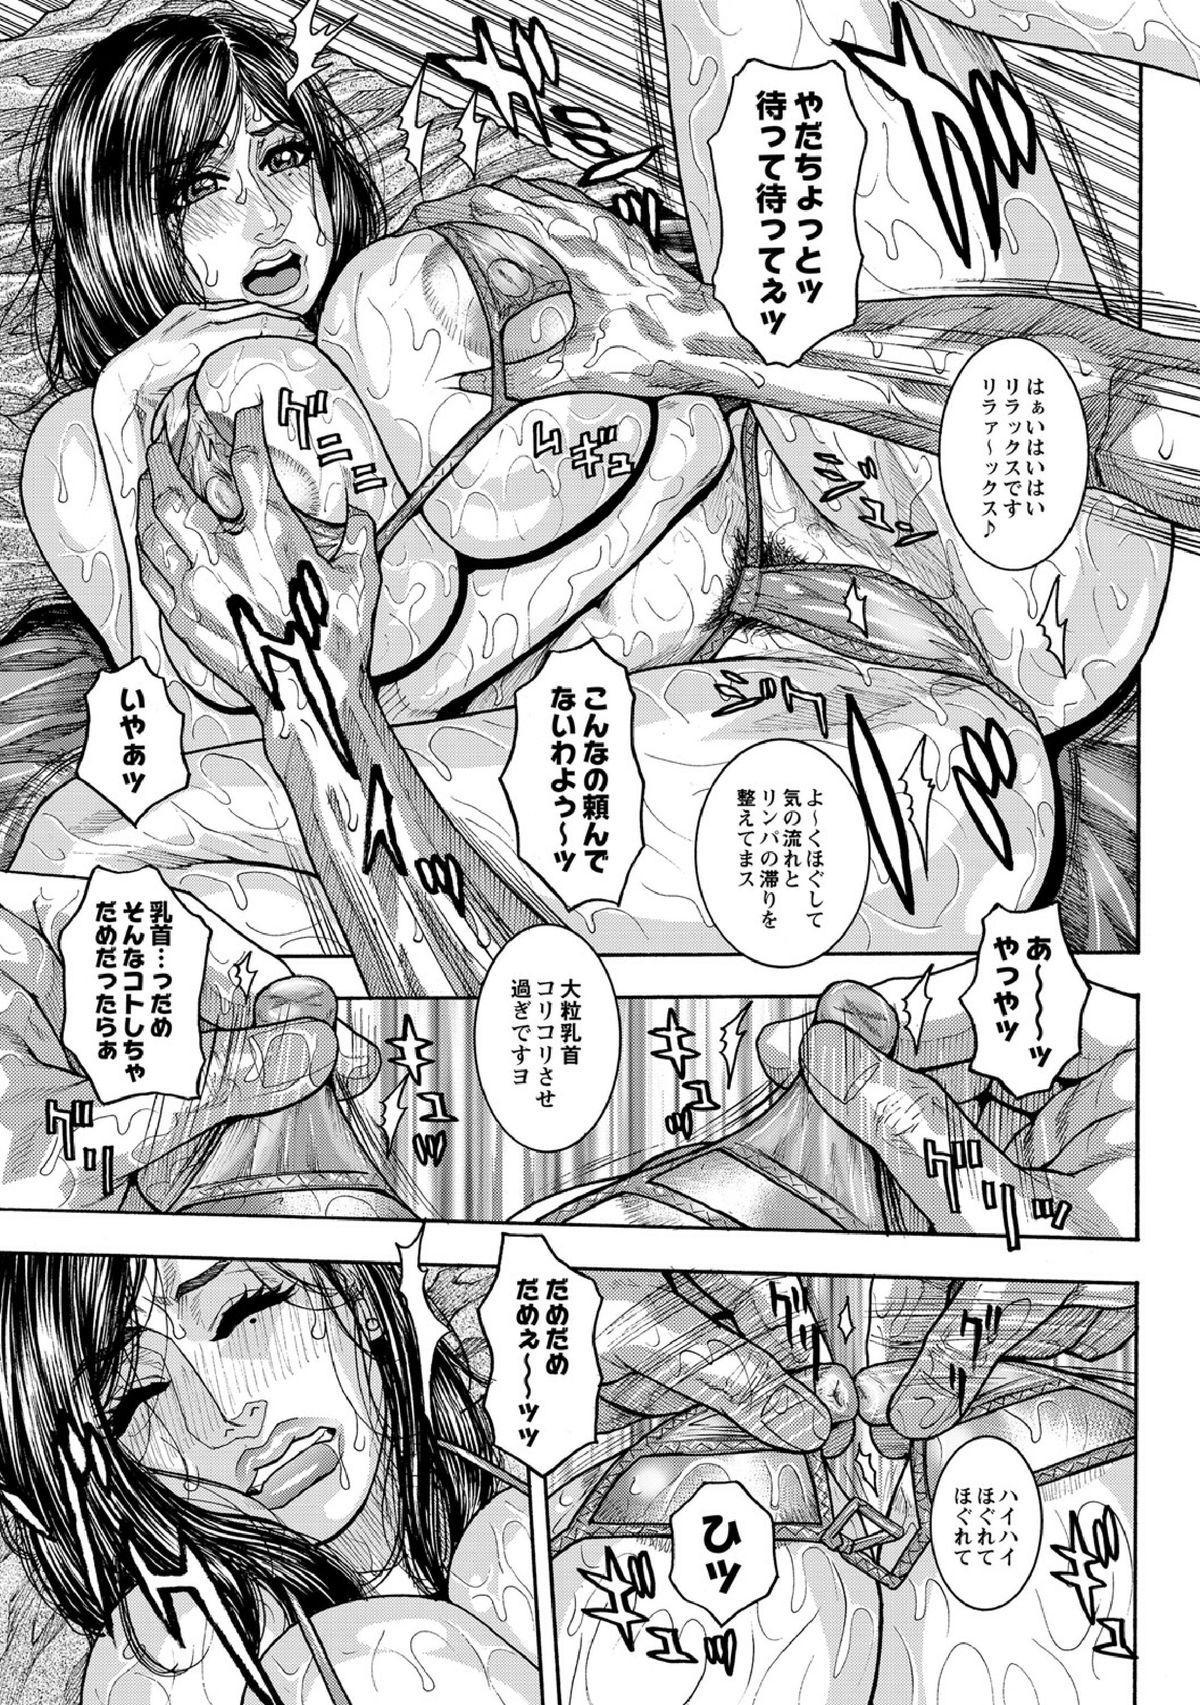 Kaikan Jukujo Massage 1-3 24